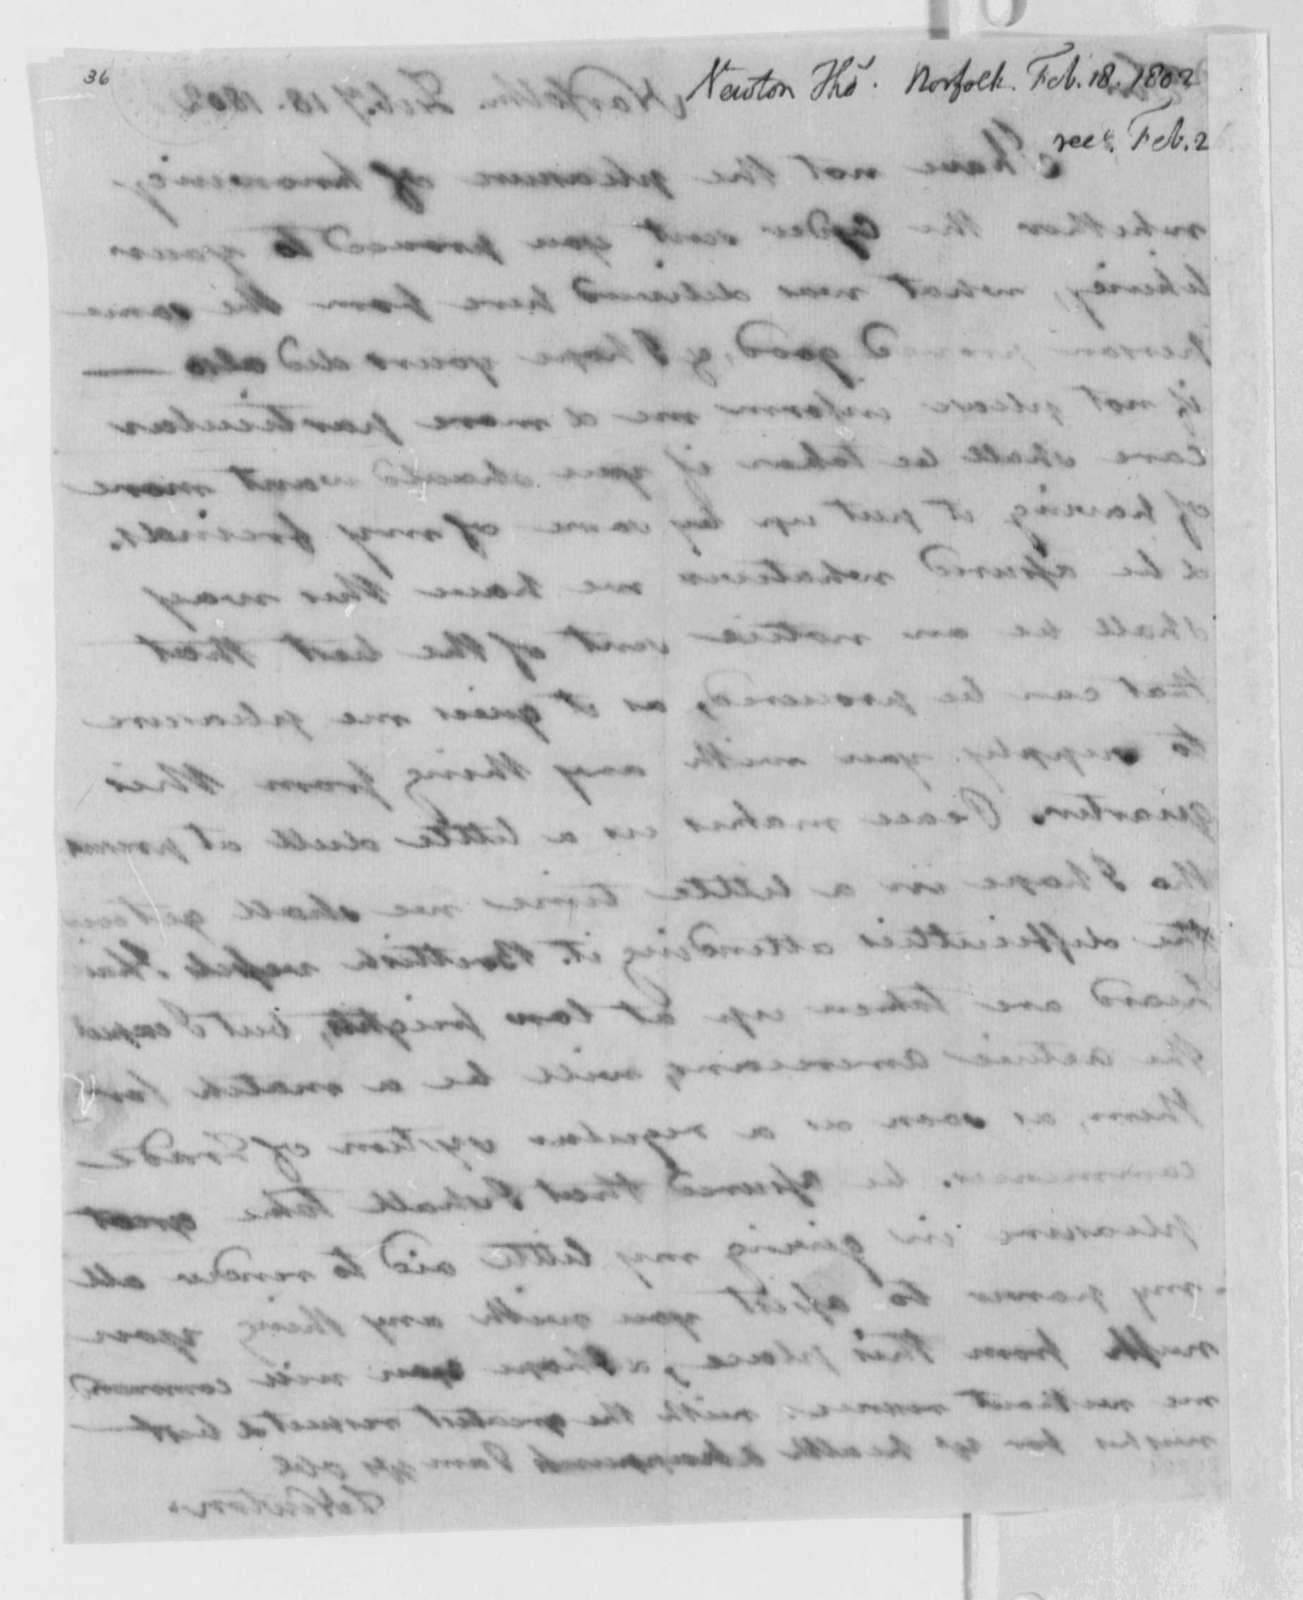 Thomas Newton to Thomas Jefferson, February 18, 1802